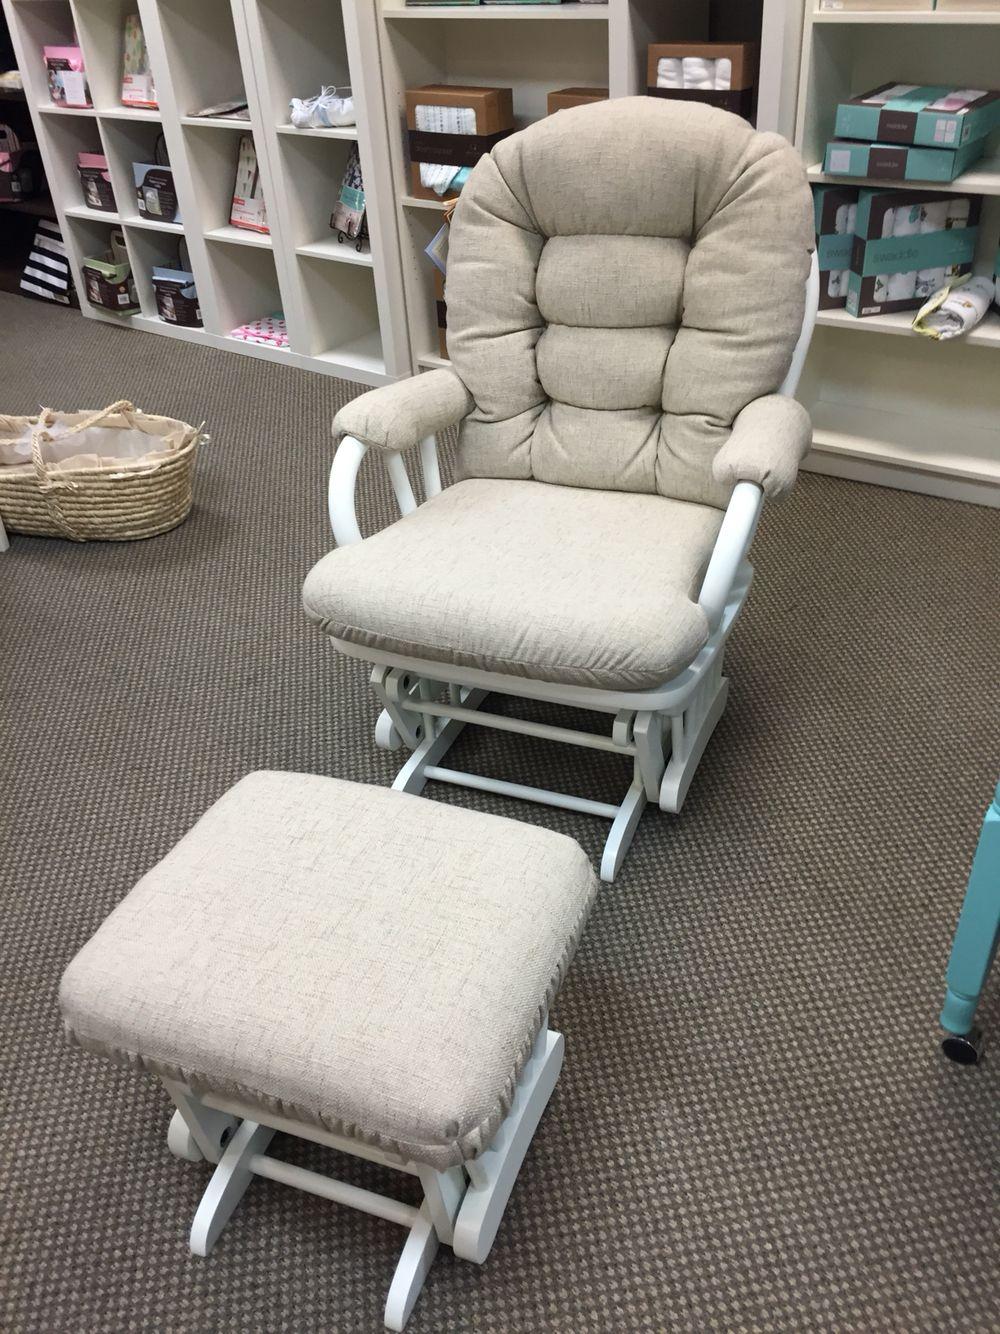 Best chairs glider - Best Chairs Sona Glider Rocker Ottoman In Natural 28229 Stock